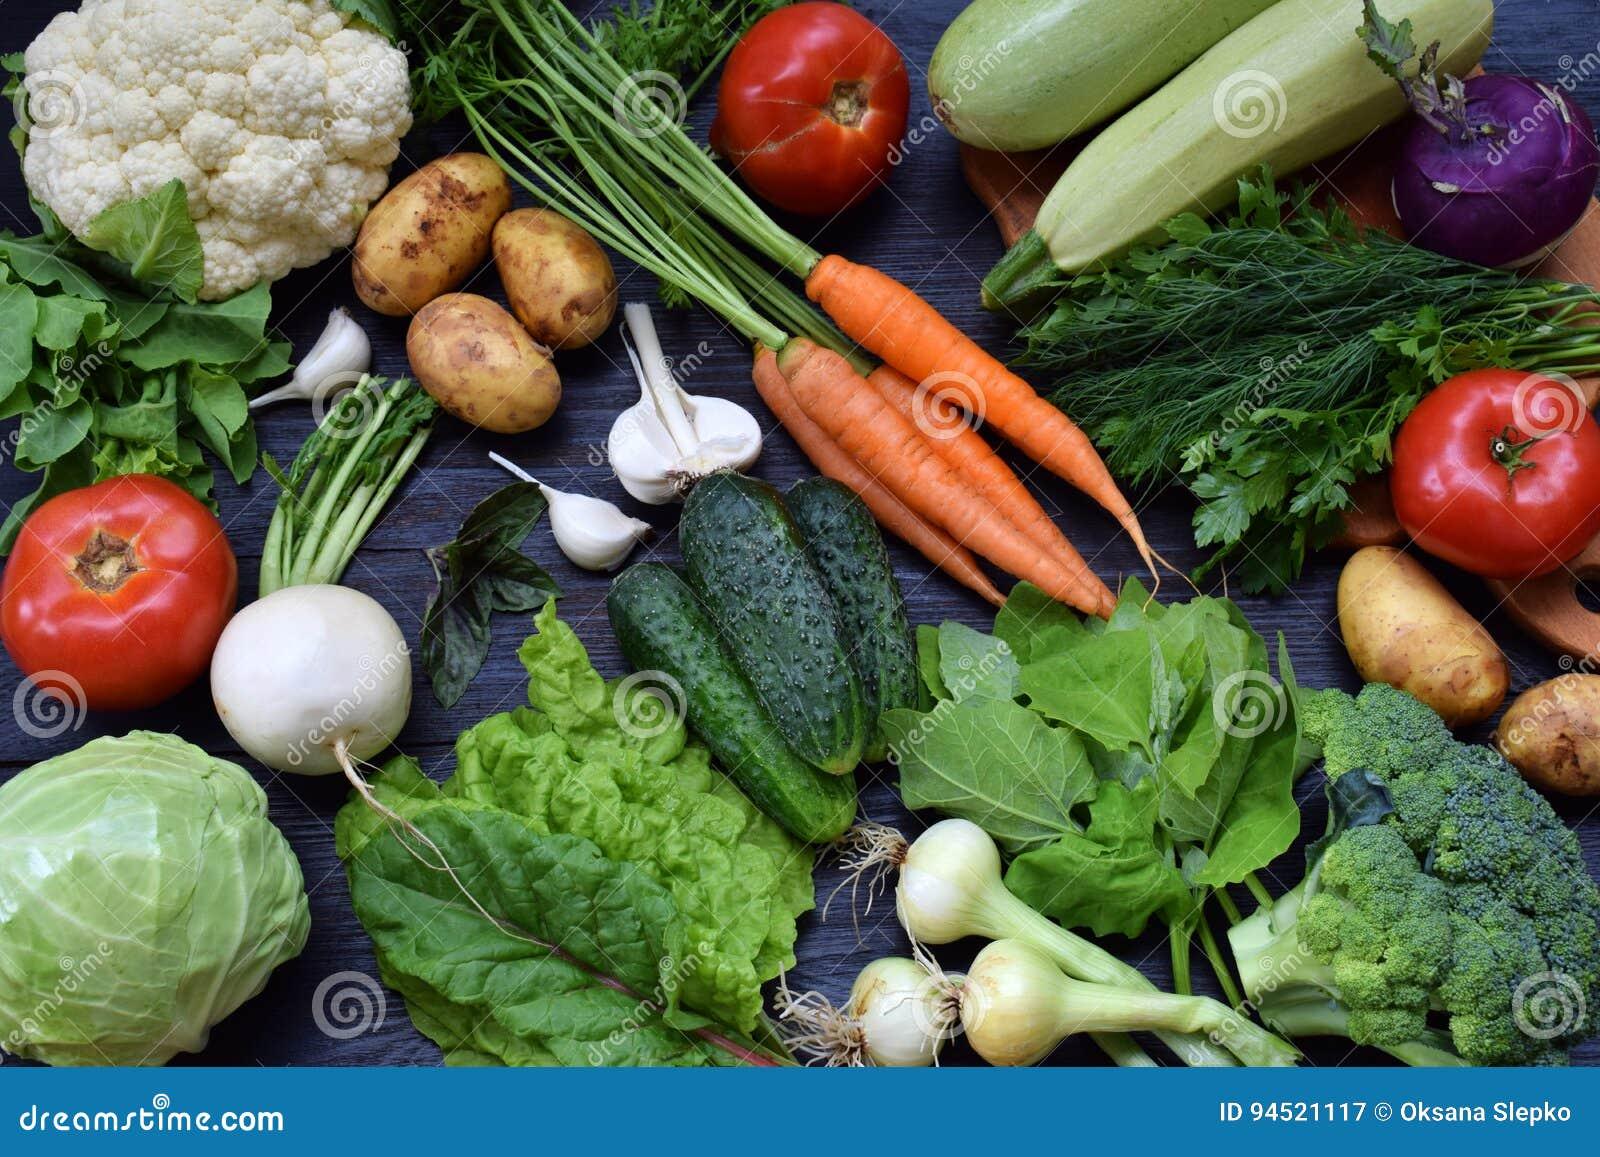 Sammansättning på en mörk bakgrund av organiska vegetariska produkter: gröna lövrika grönsaker, morötter, zucchini, potatisar, lö